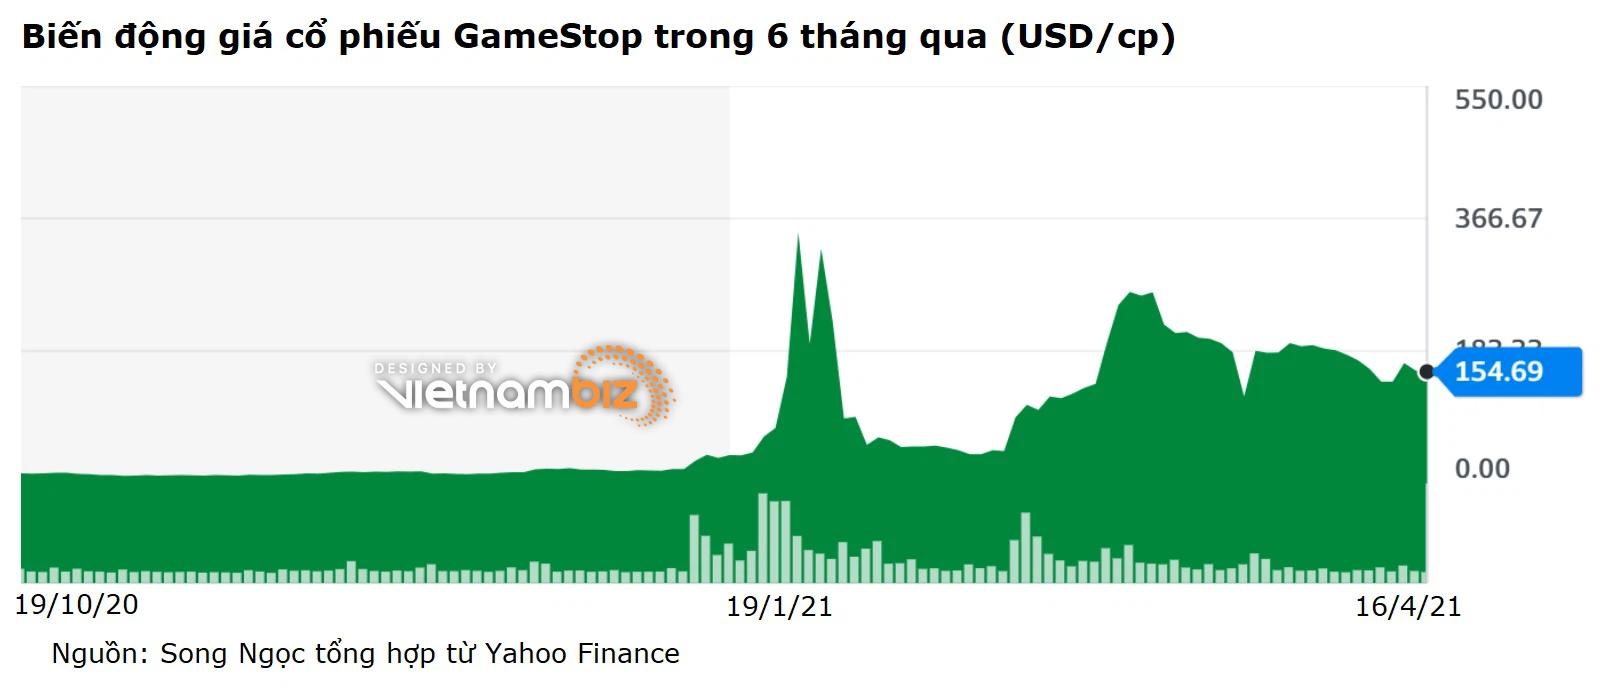 'Mèo Gào' lãi hàng chục triệu USD nhưng không chốt lời, quyết gom cổ phiếu GameStop - Ảnh 2.